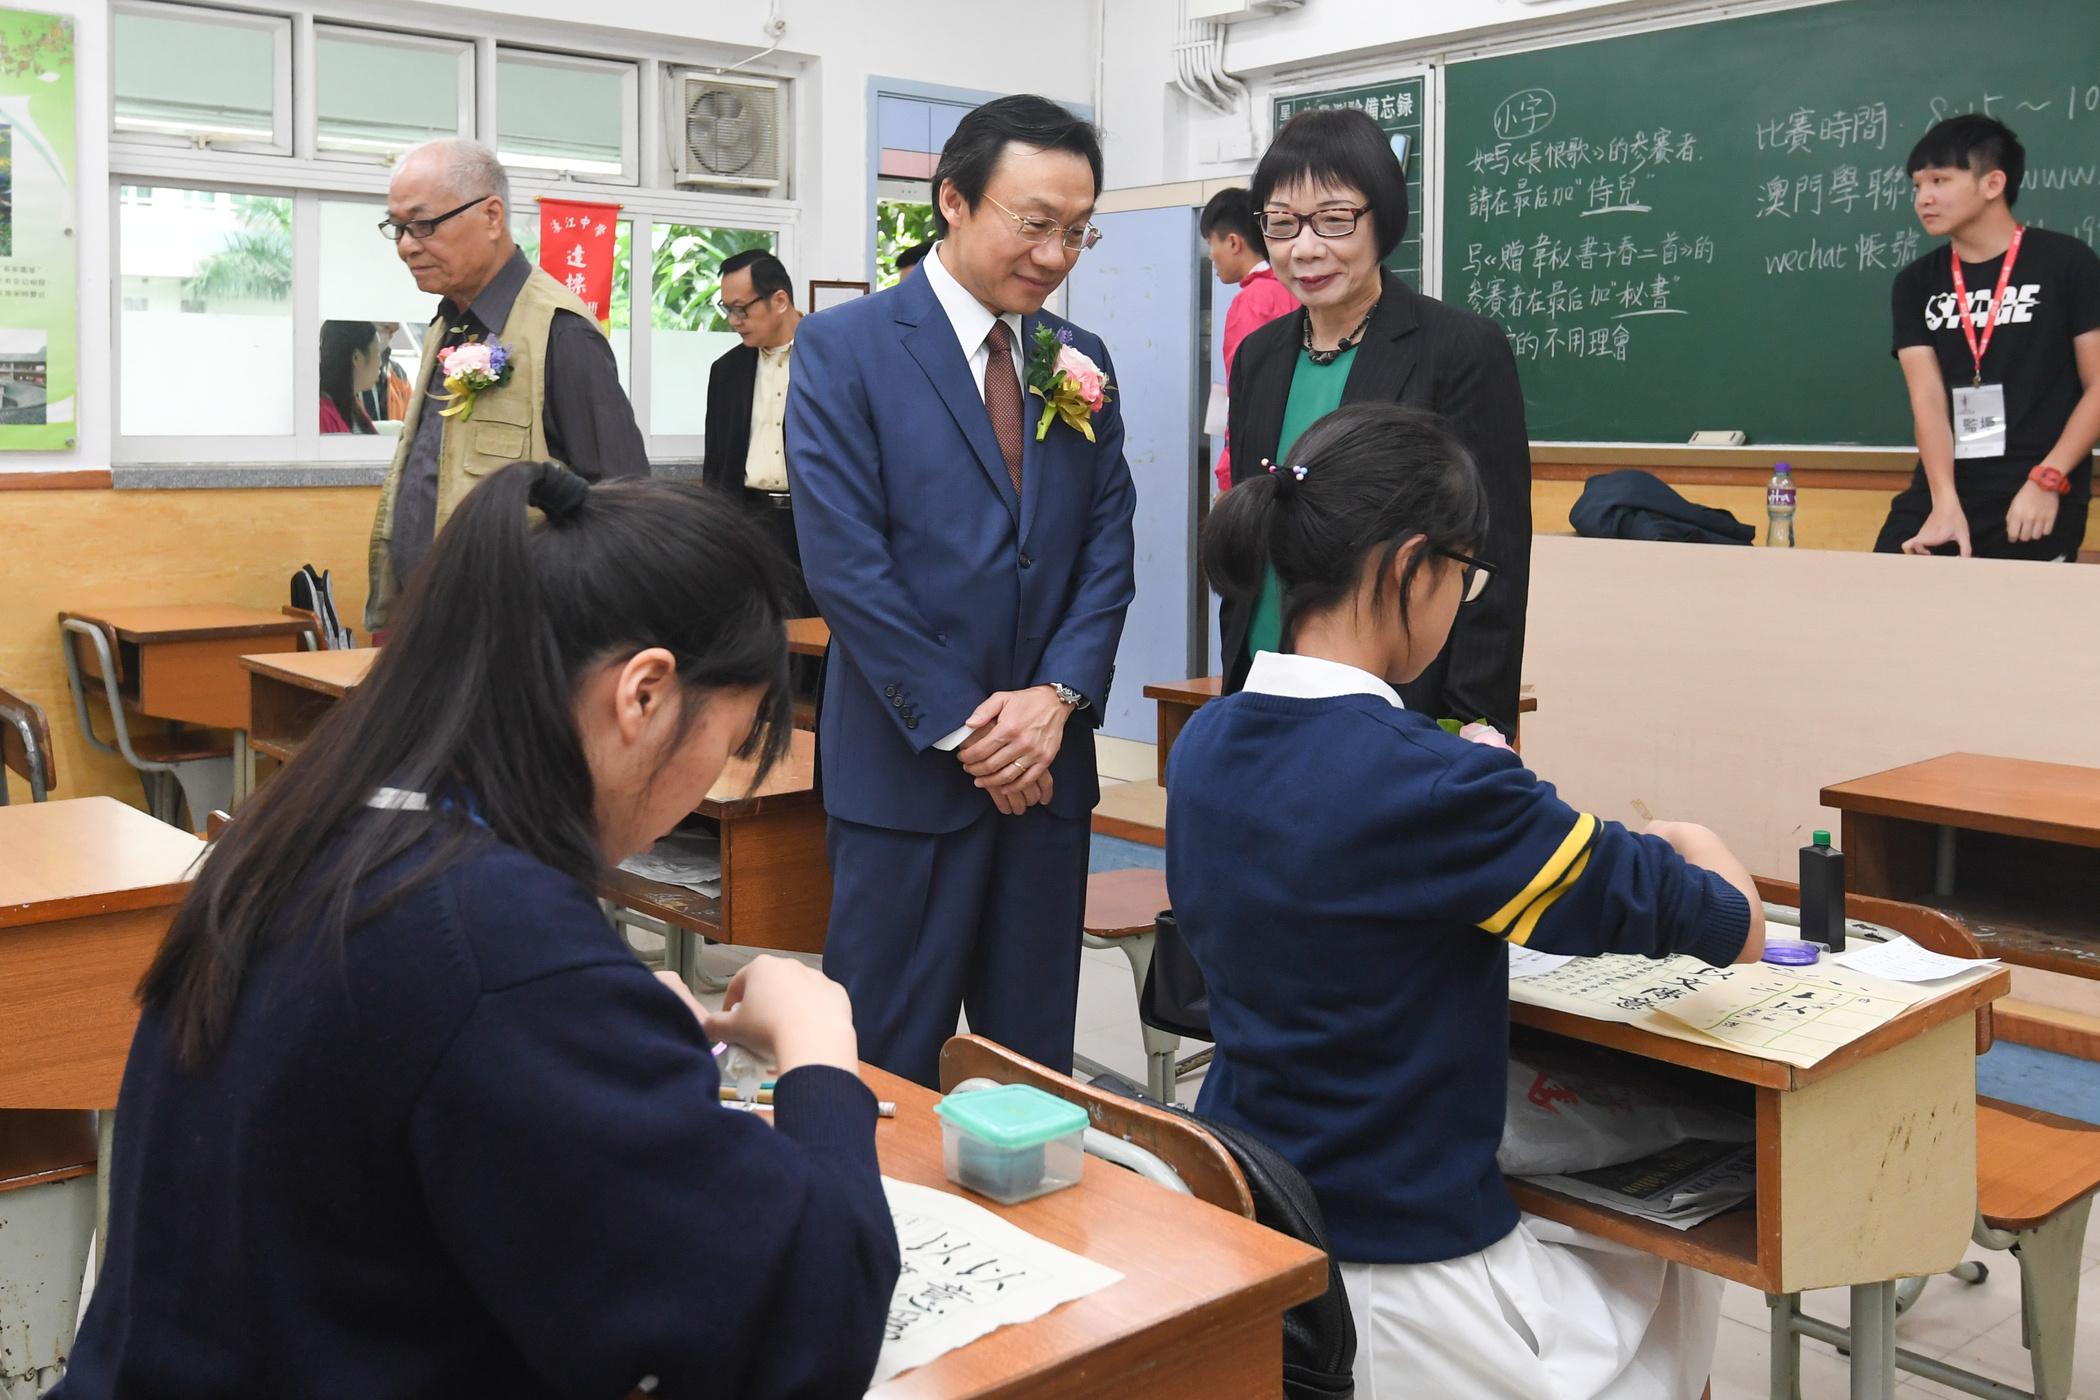 Juventude | Nova política pode incluir Grande Baía, amor à pátria e história chinesa